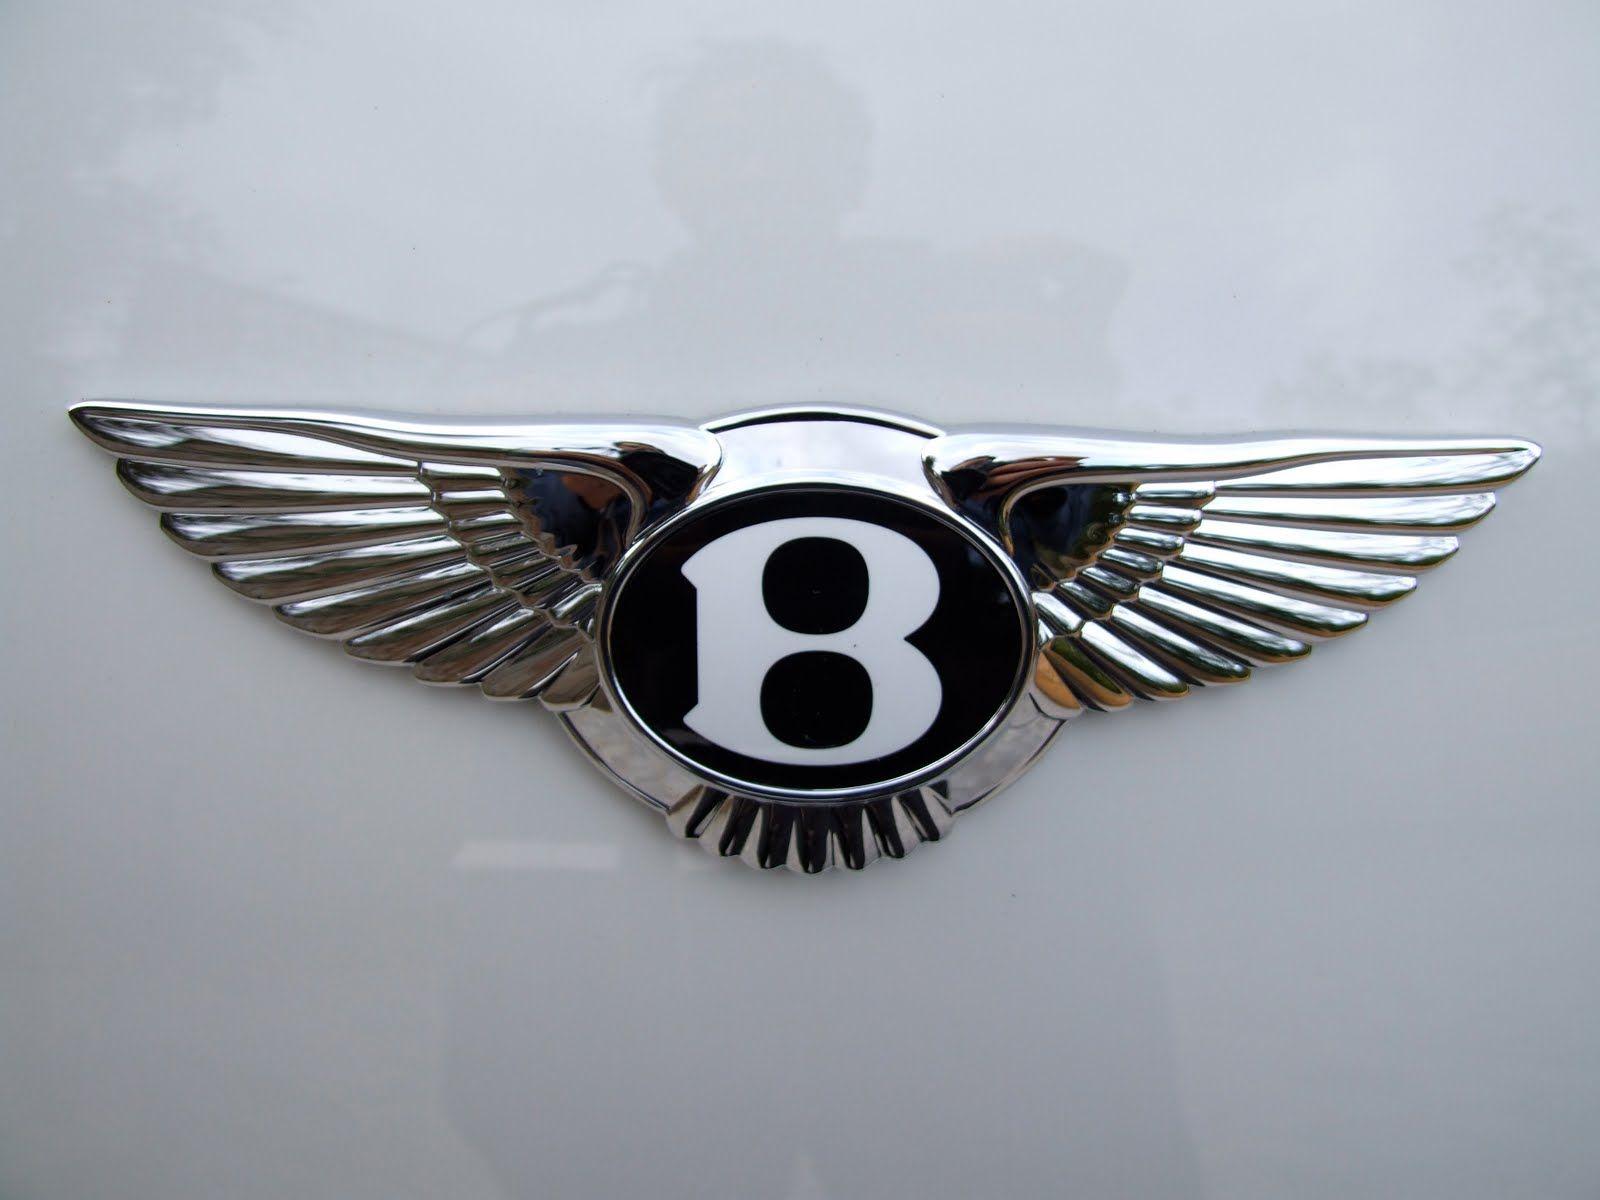 bentley logo brands Pinterest Bentley car and Cars